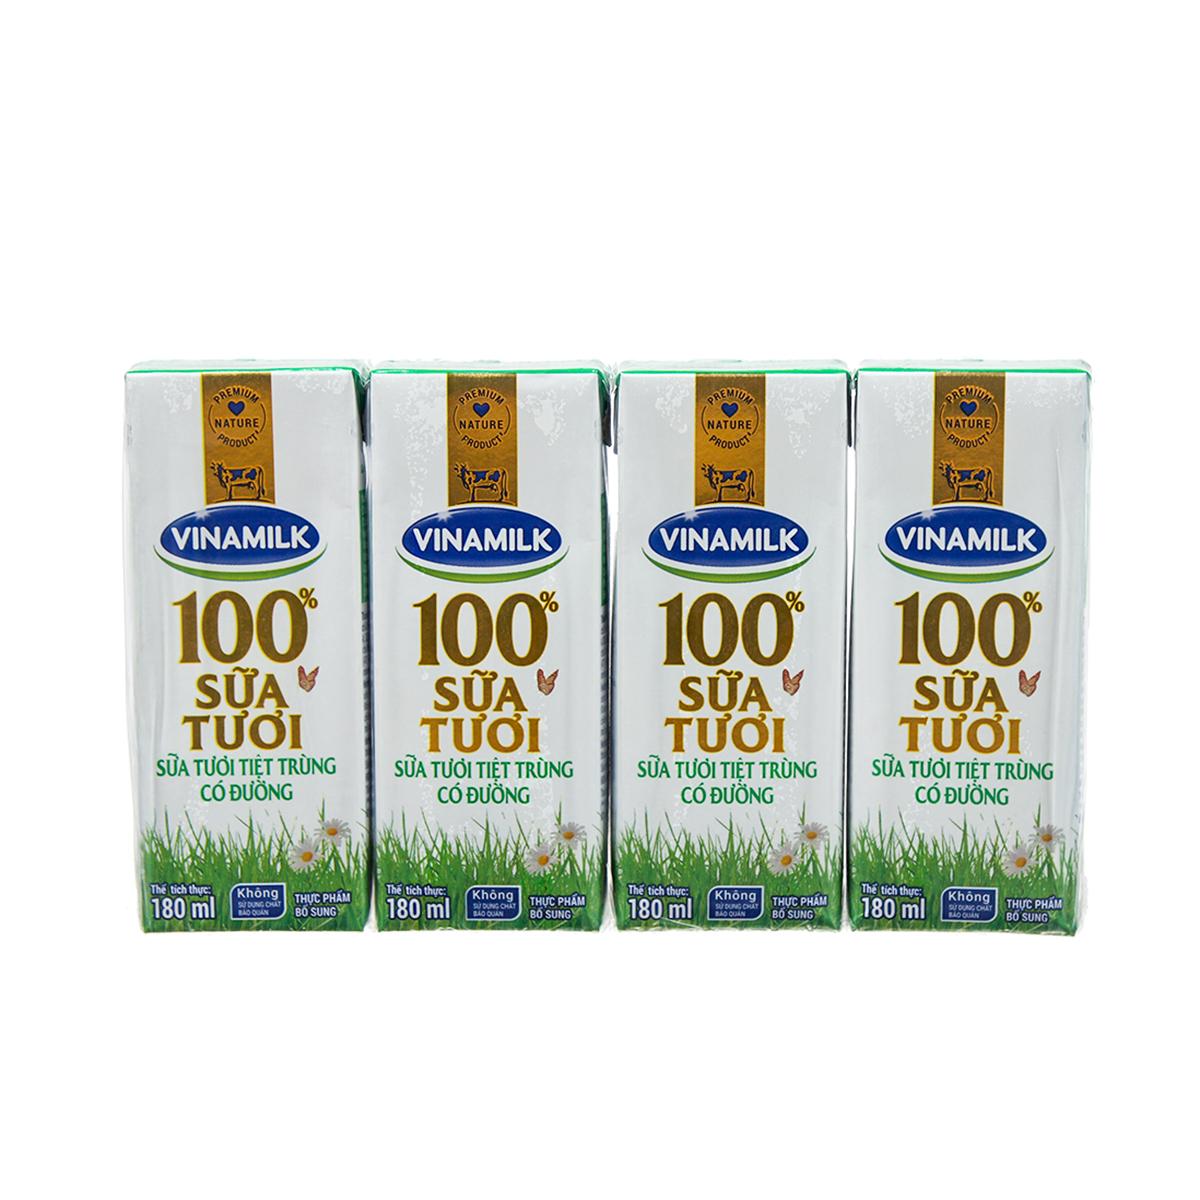 Sữa tươi tiệt trùng có đường Vinamilk 4*180ml